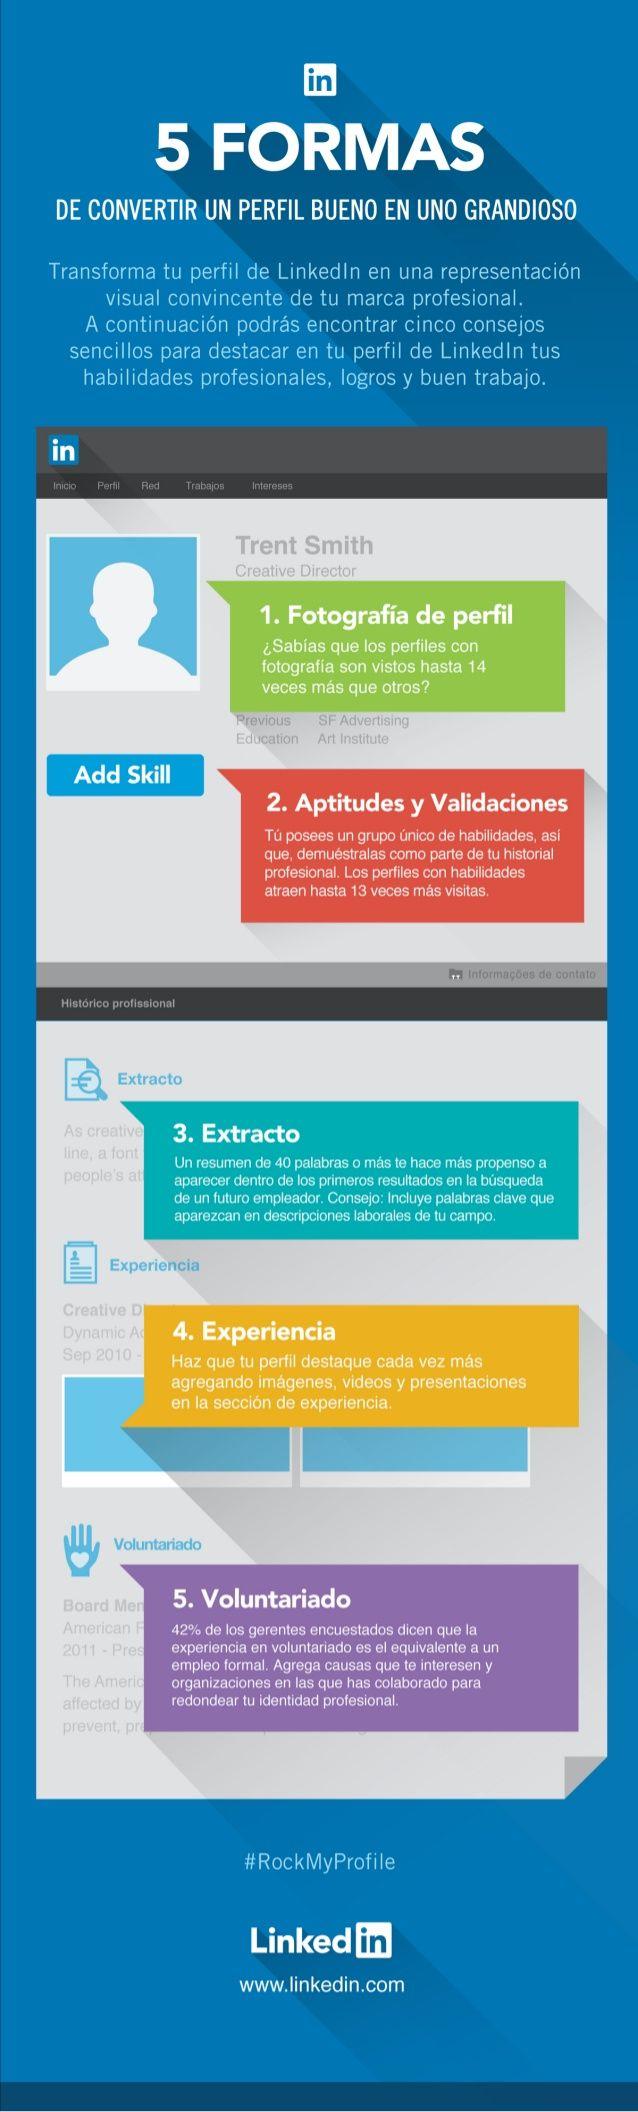 5 formas de convertir un buen perfil de Linkedin en uno grandioso #infografia